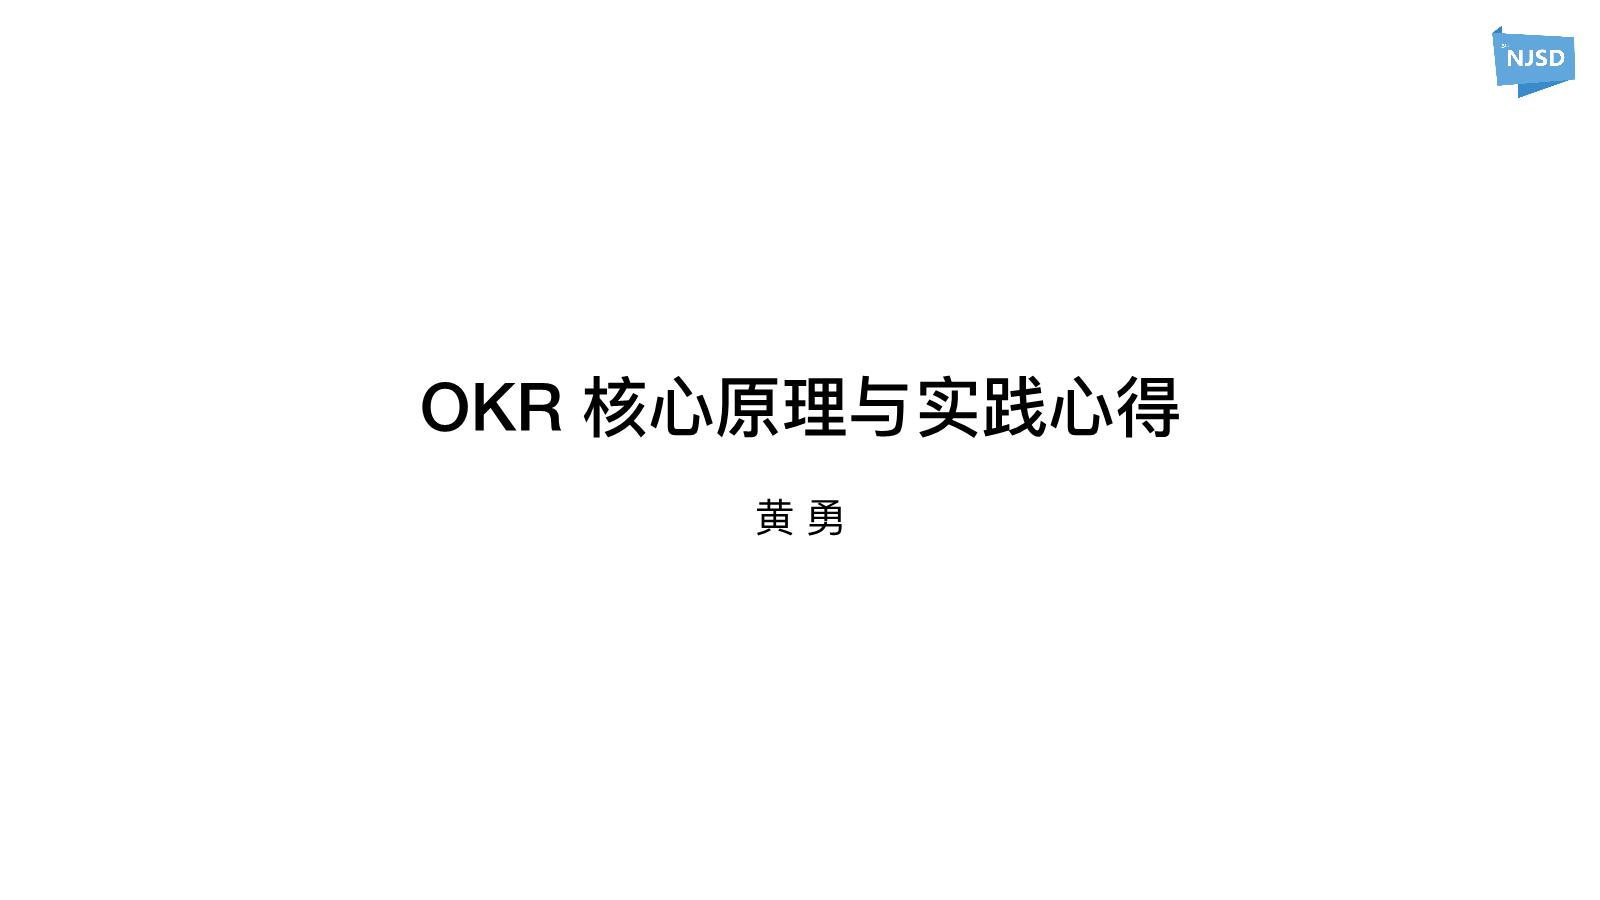 黄勇-OKR核心原理与实践心得